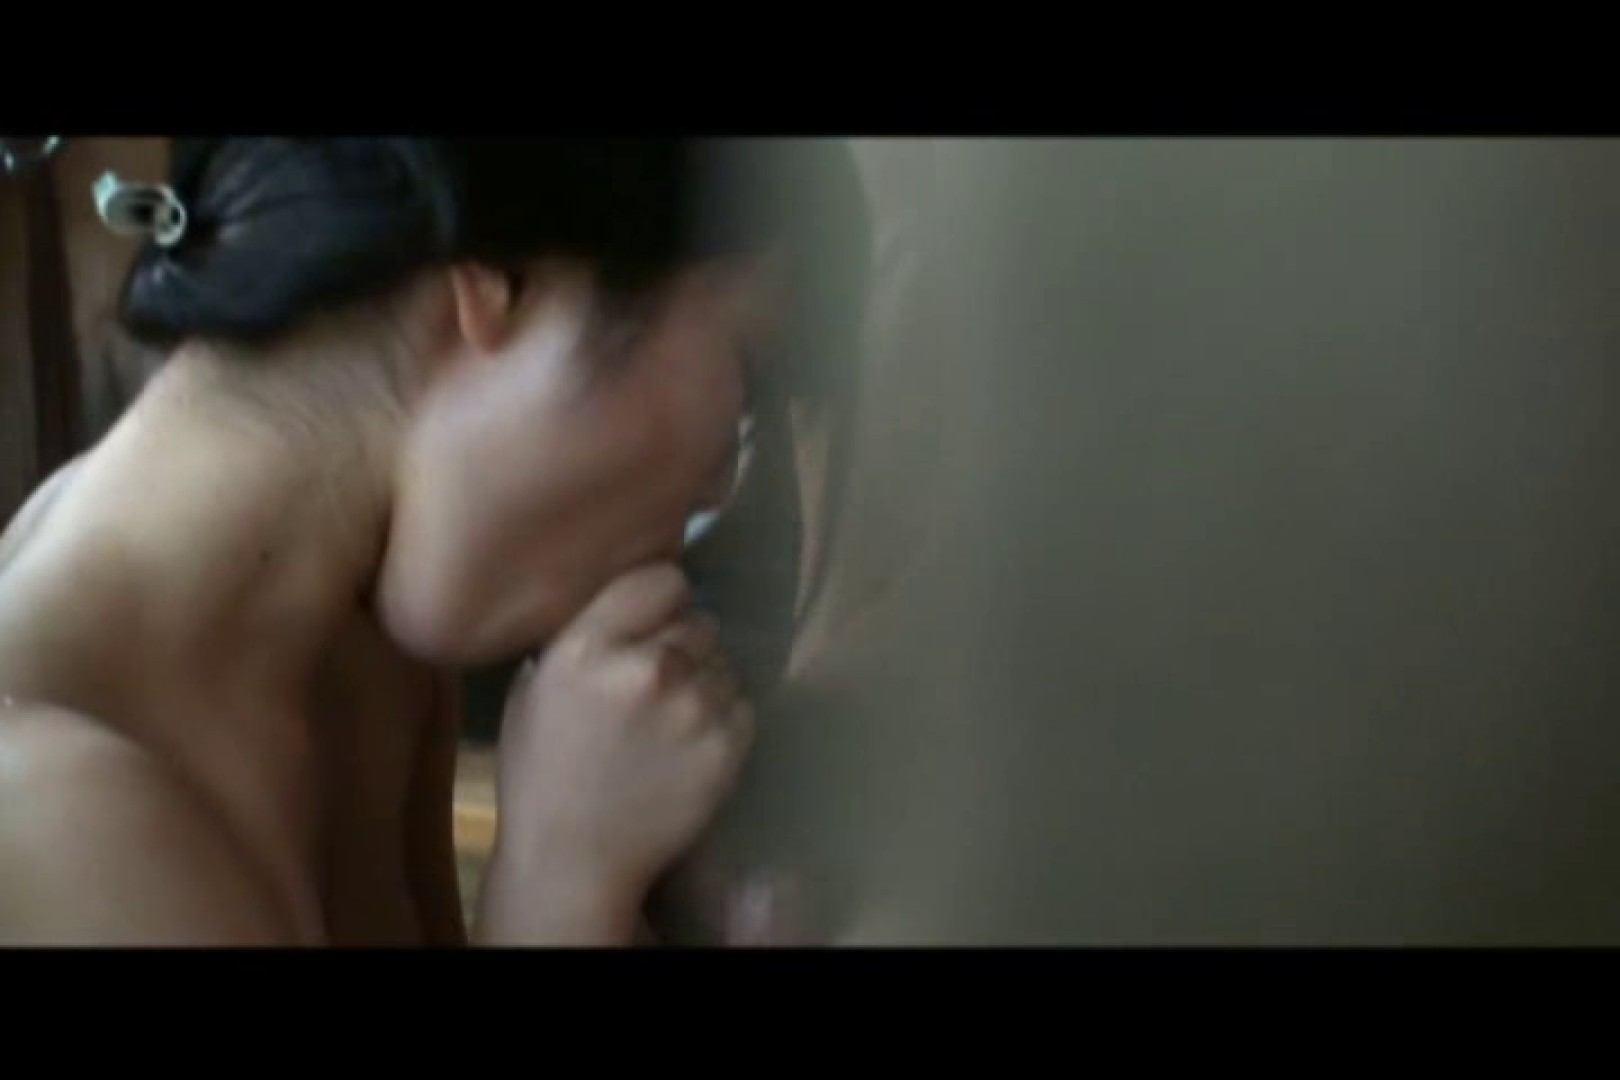 貸切露天 発情カップル! vol.01 露天風呂の女子達  103画像 8